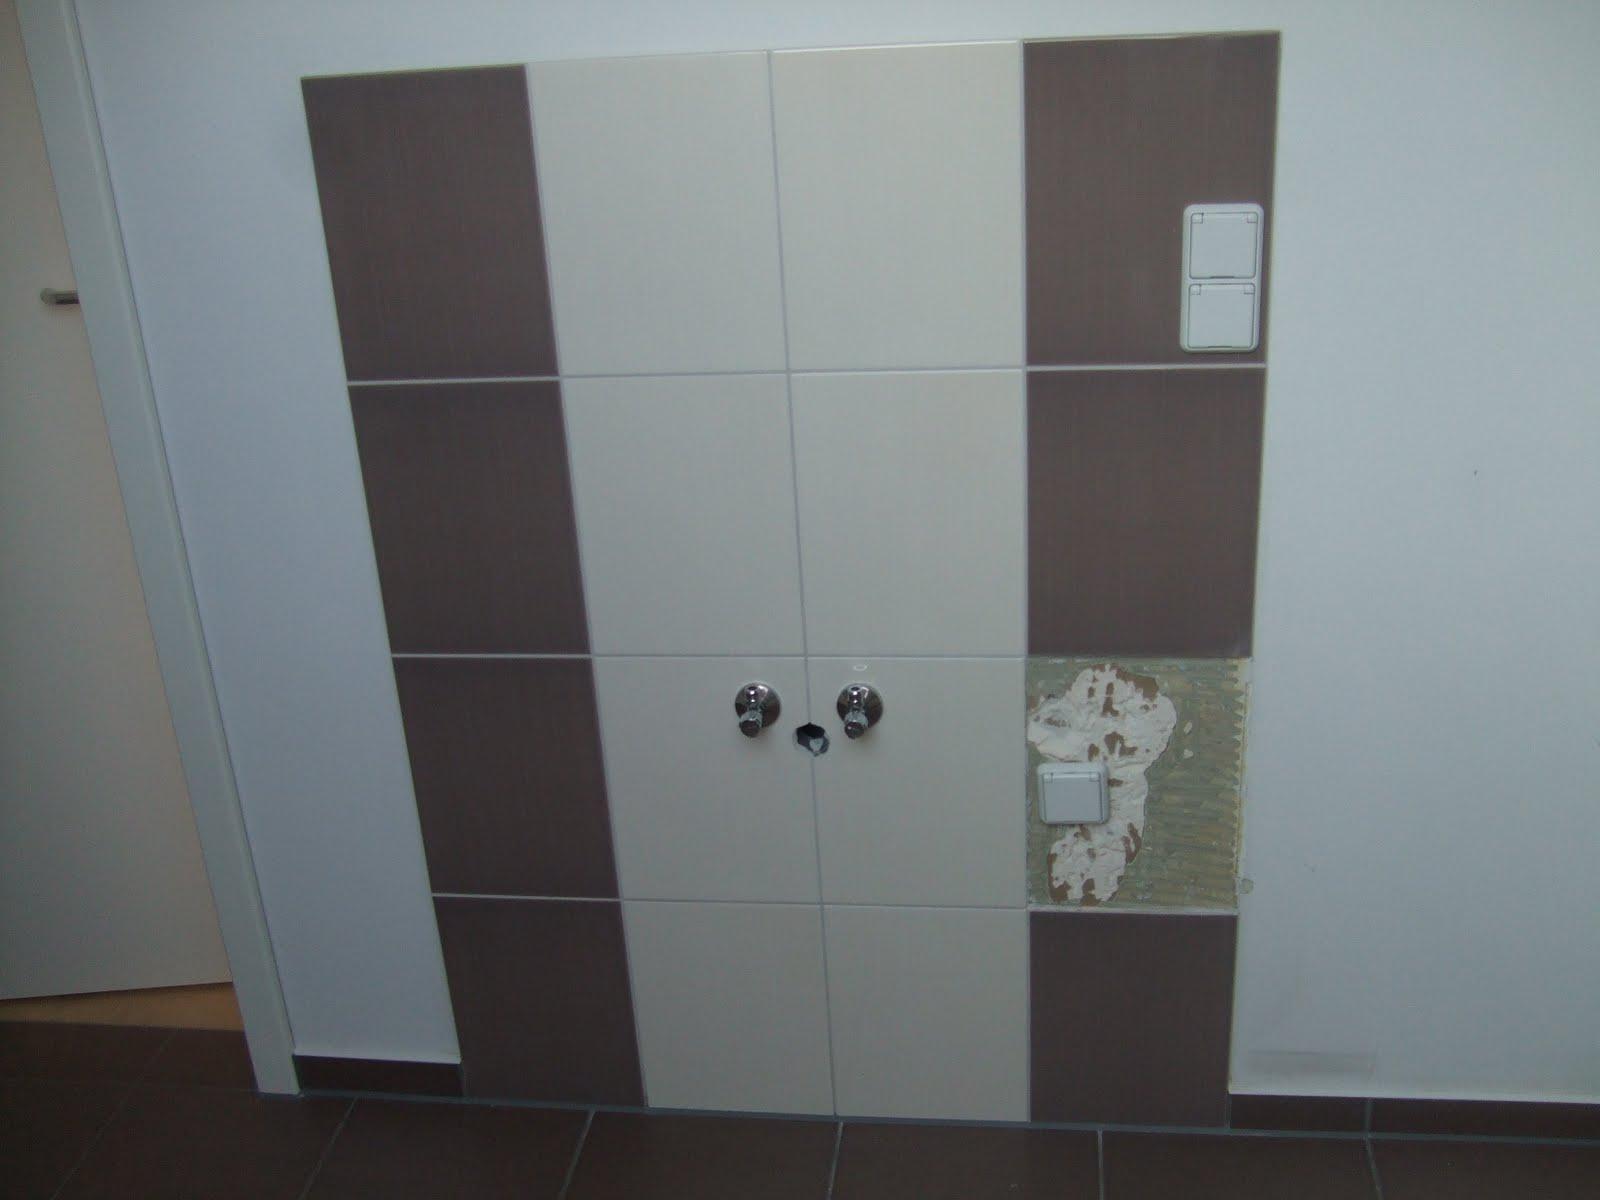 hausbau mit ncc deutschland typ tilia der countdown l uft. Black Bedroom Furniture Sets. Home Design Ideas